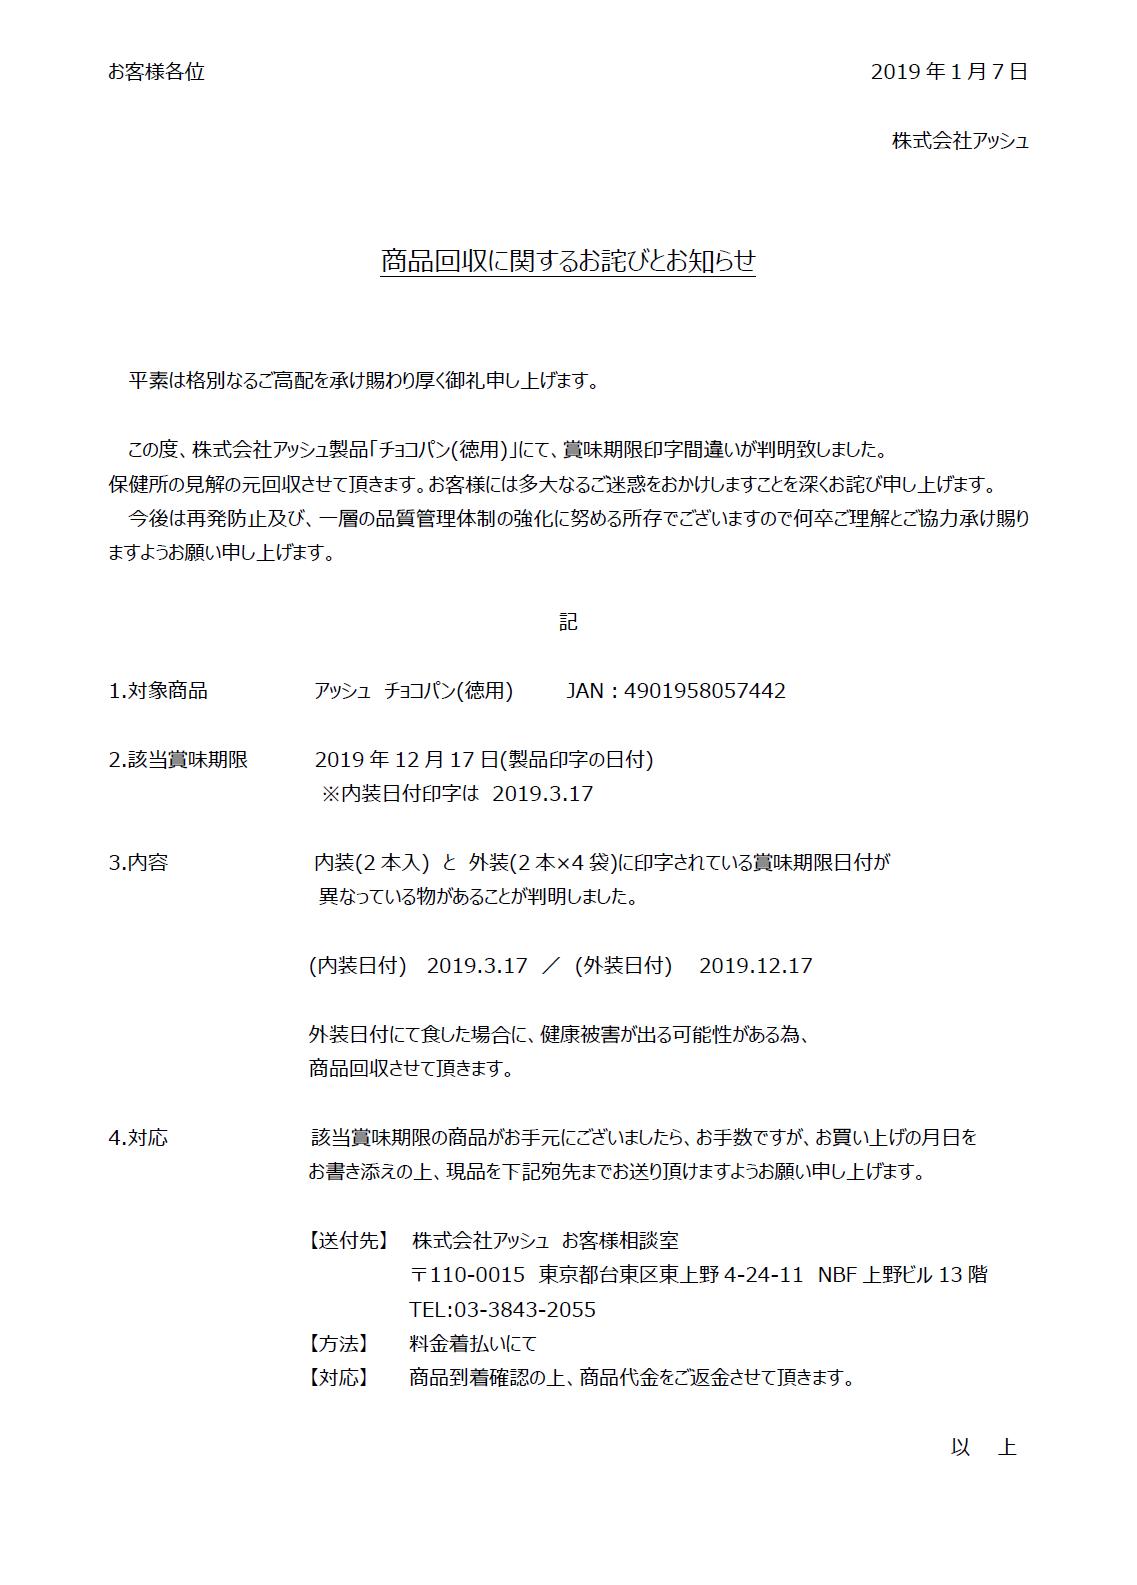 190107商品回収に関するお詫びとお知らせ(アッシュ カネ増チョコパン徳用)